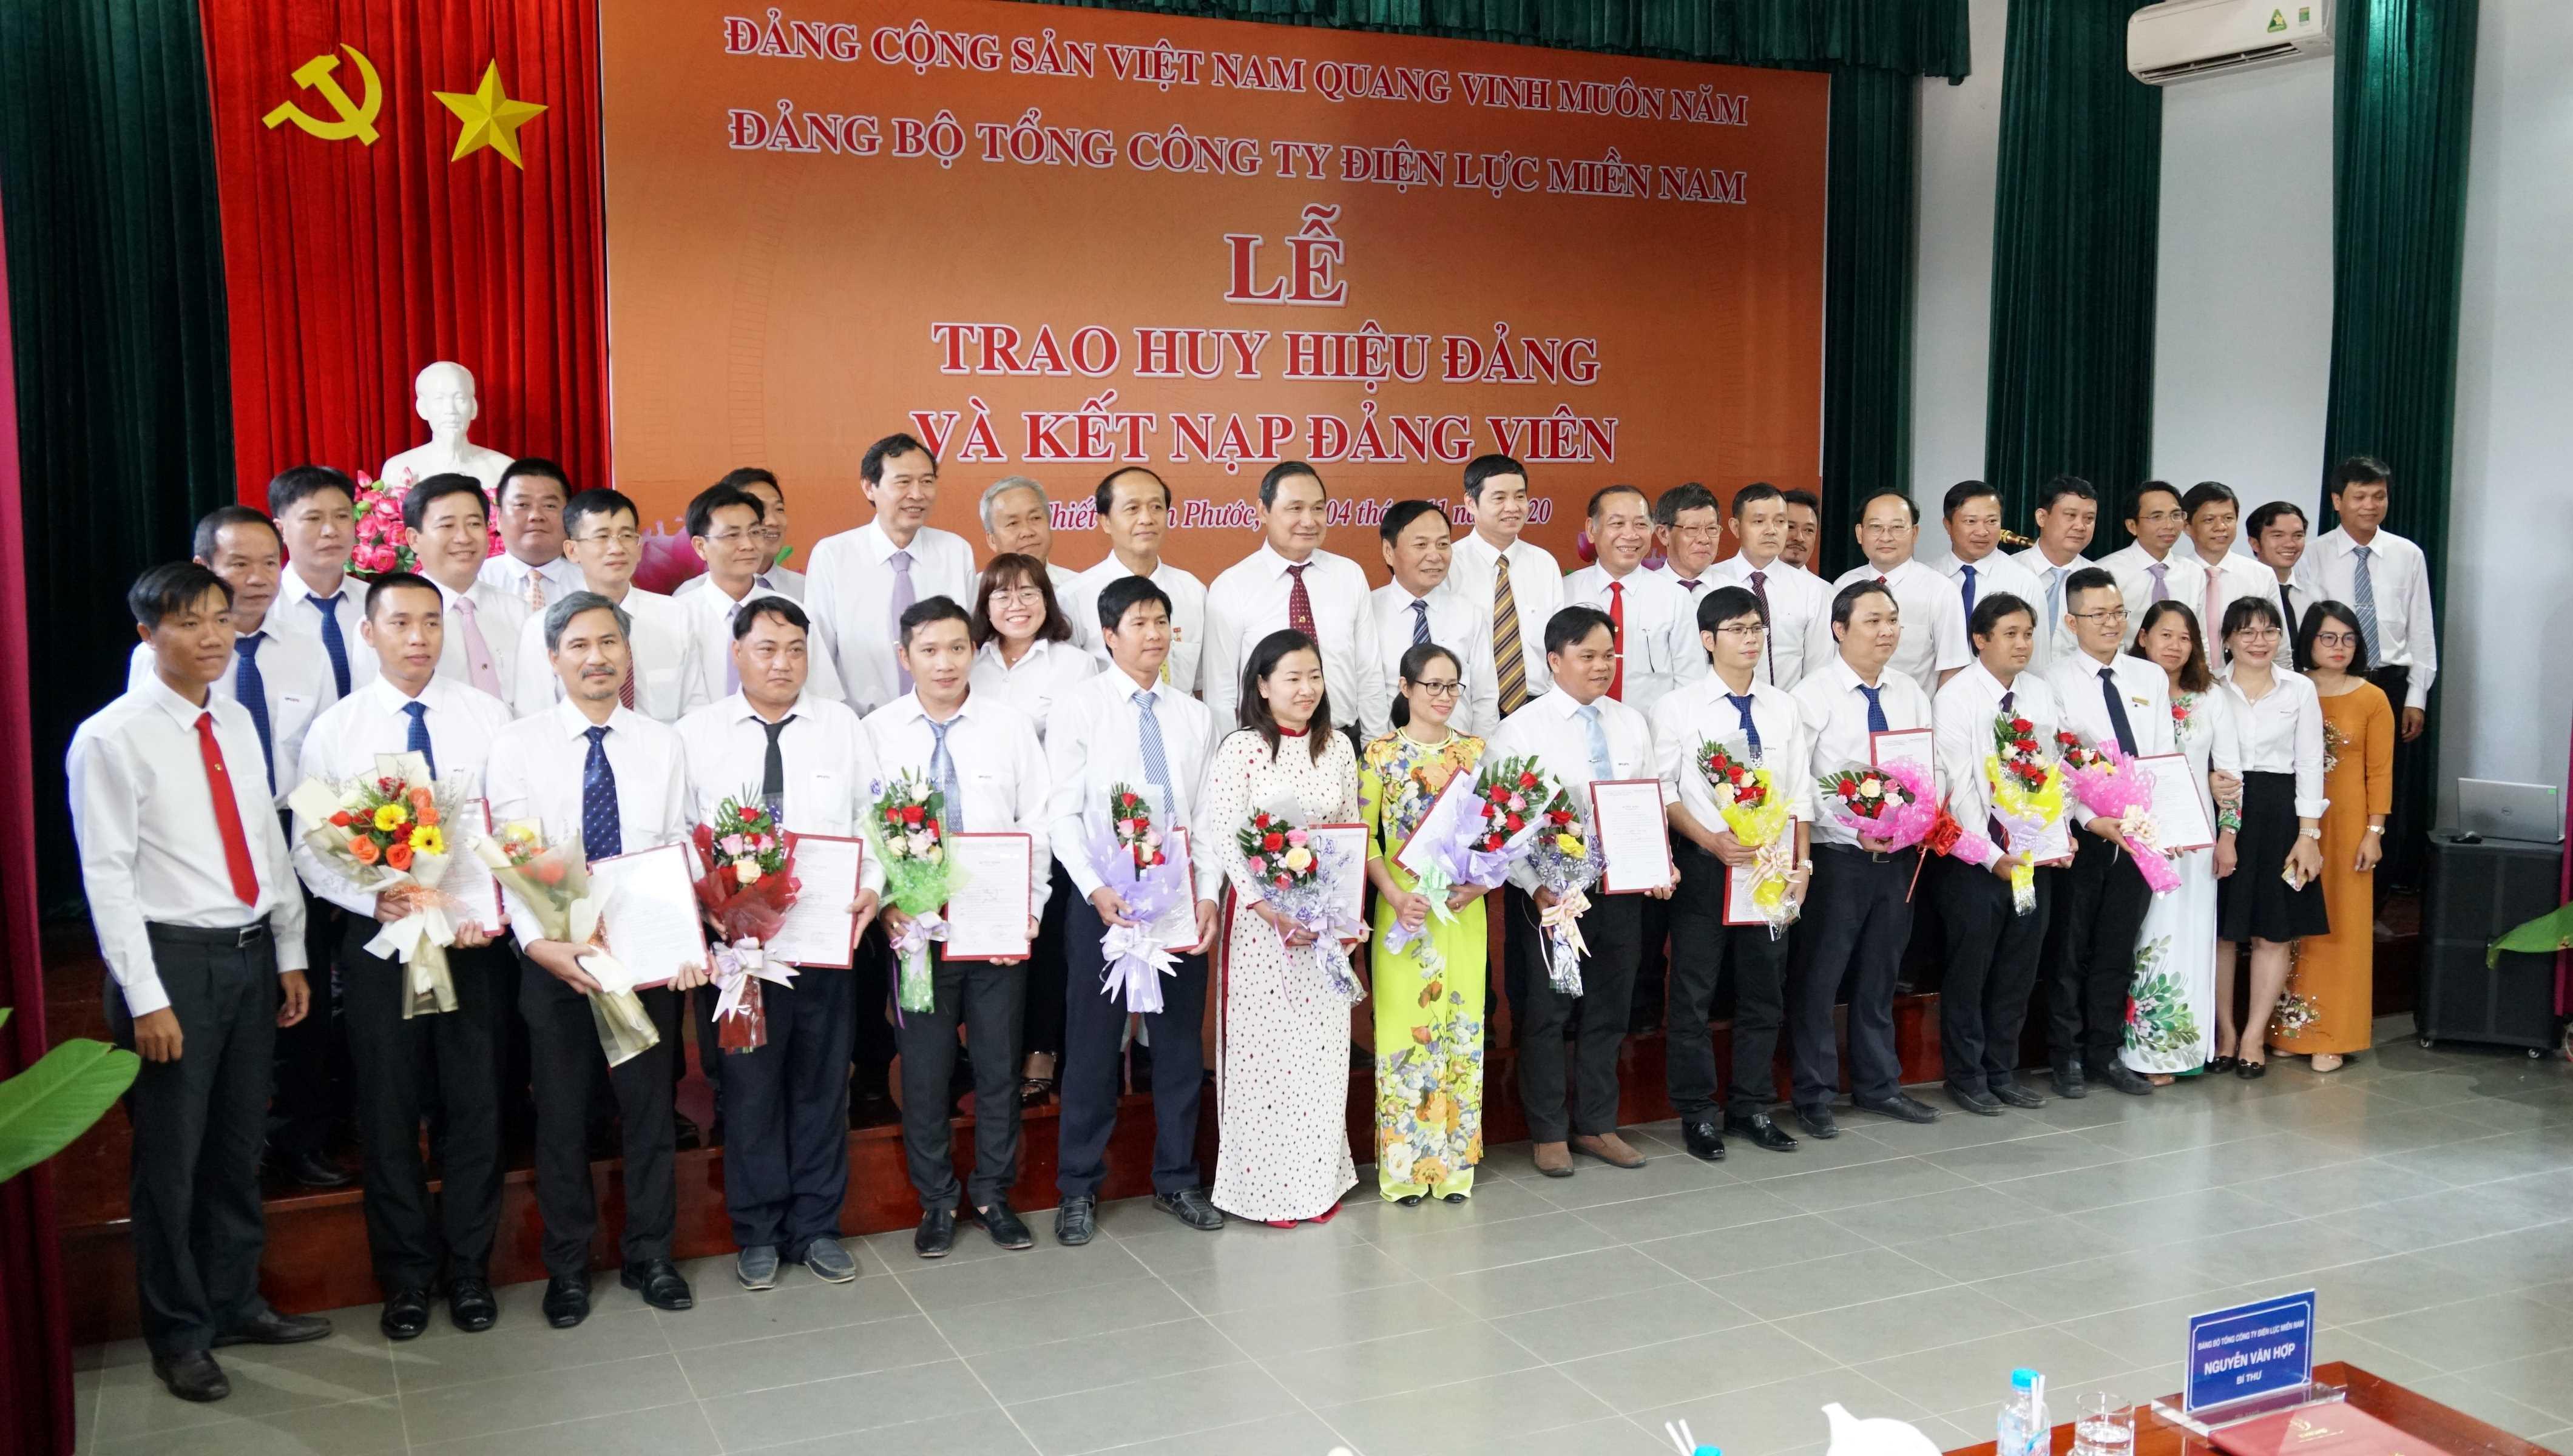 EVNSPC kết nạp 12 đảng viên tại  khu di tích đặc biệt quốc gia Tà Thiết